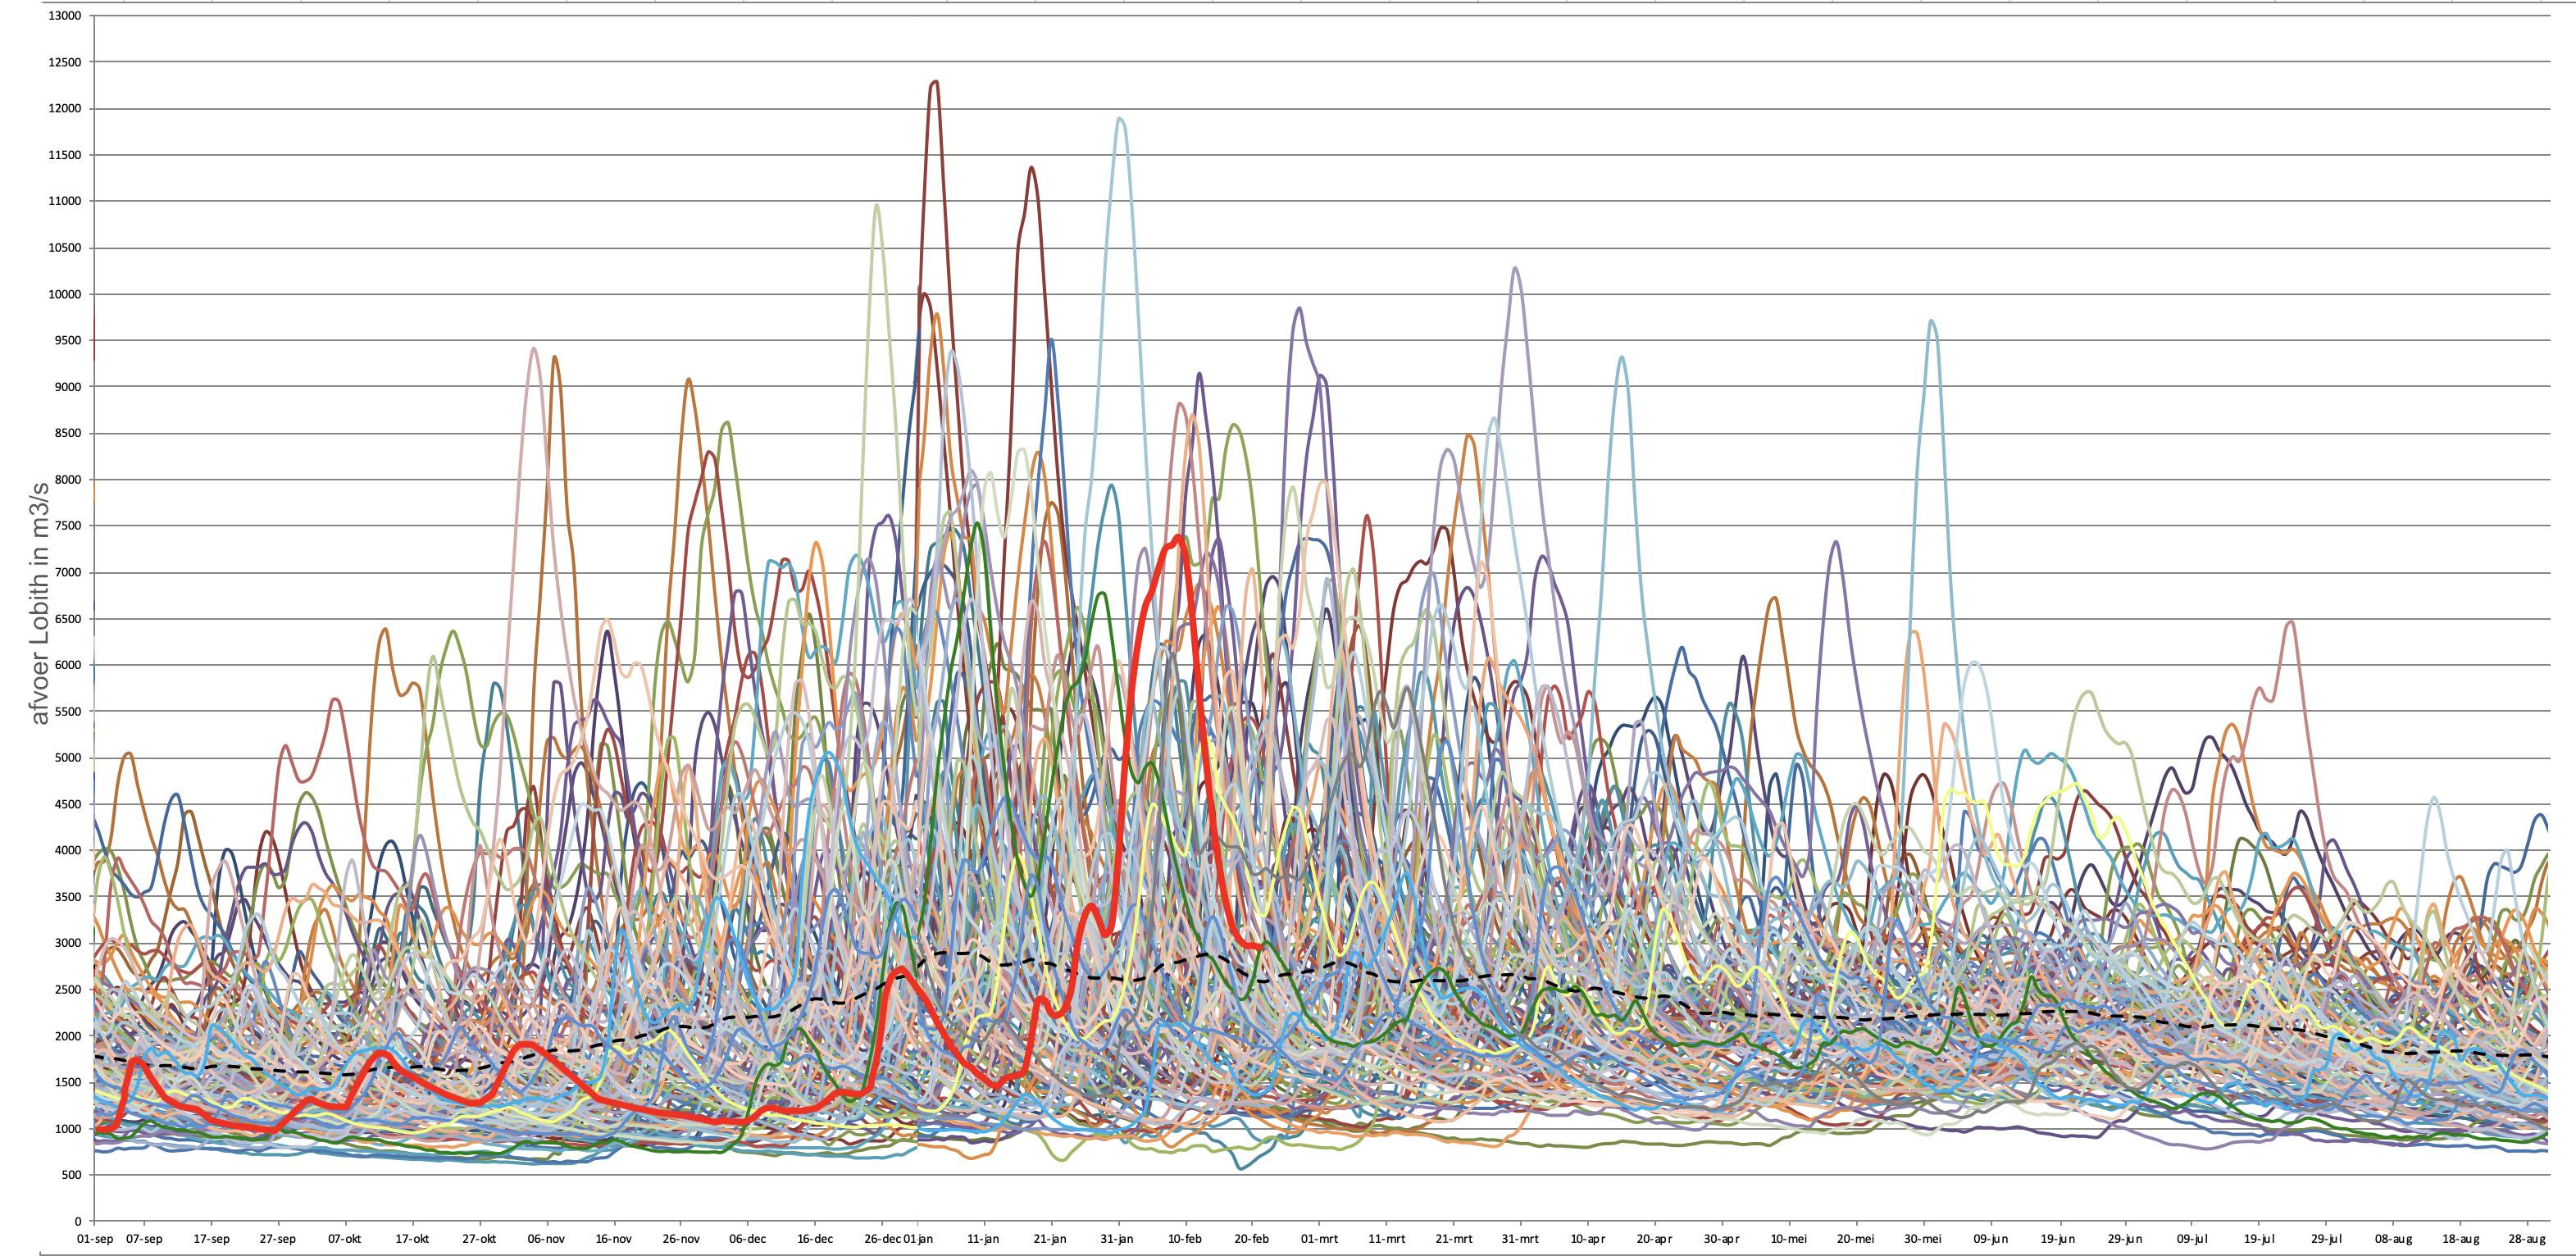 Afvoerverloop van alle jaren sinds 1901. Het seizoen is opgeknipt op 1 september zodat het hoogwaterseizoen goed zichtbaar is. Het huidige seizoen is in rood aangegeven. Met de zwarte streepjeslijn is de gemiddelde afvoer aangegeven.